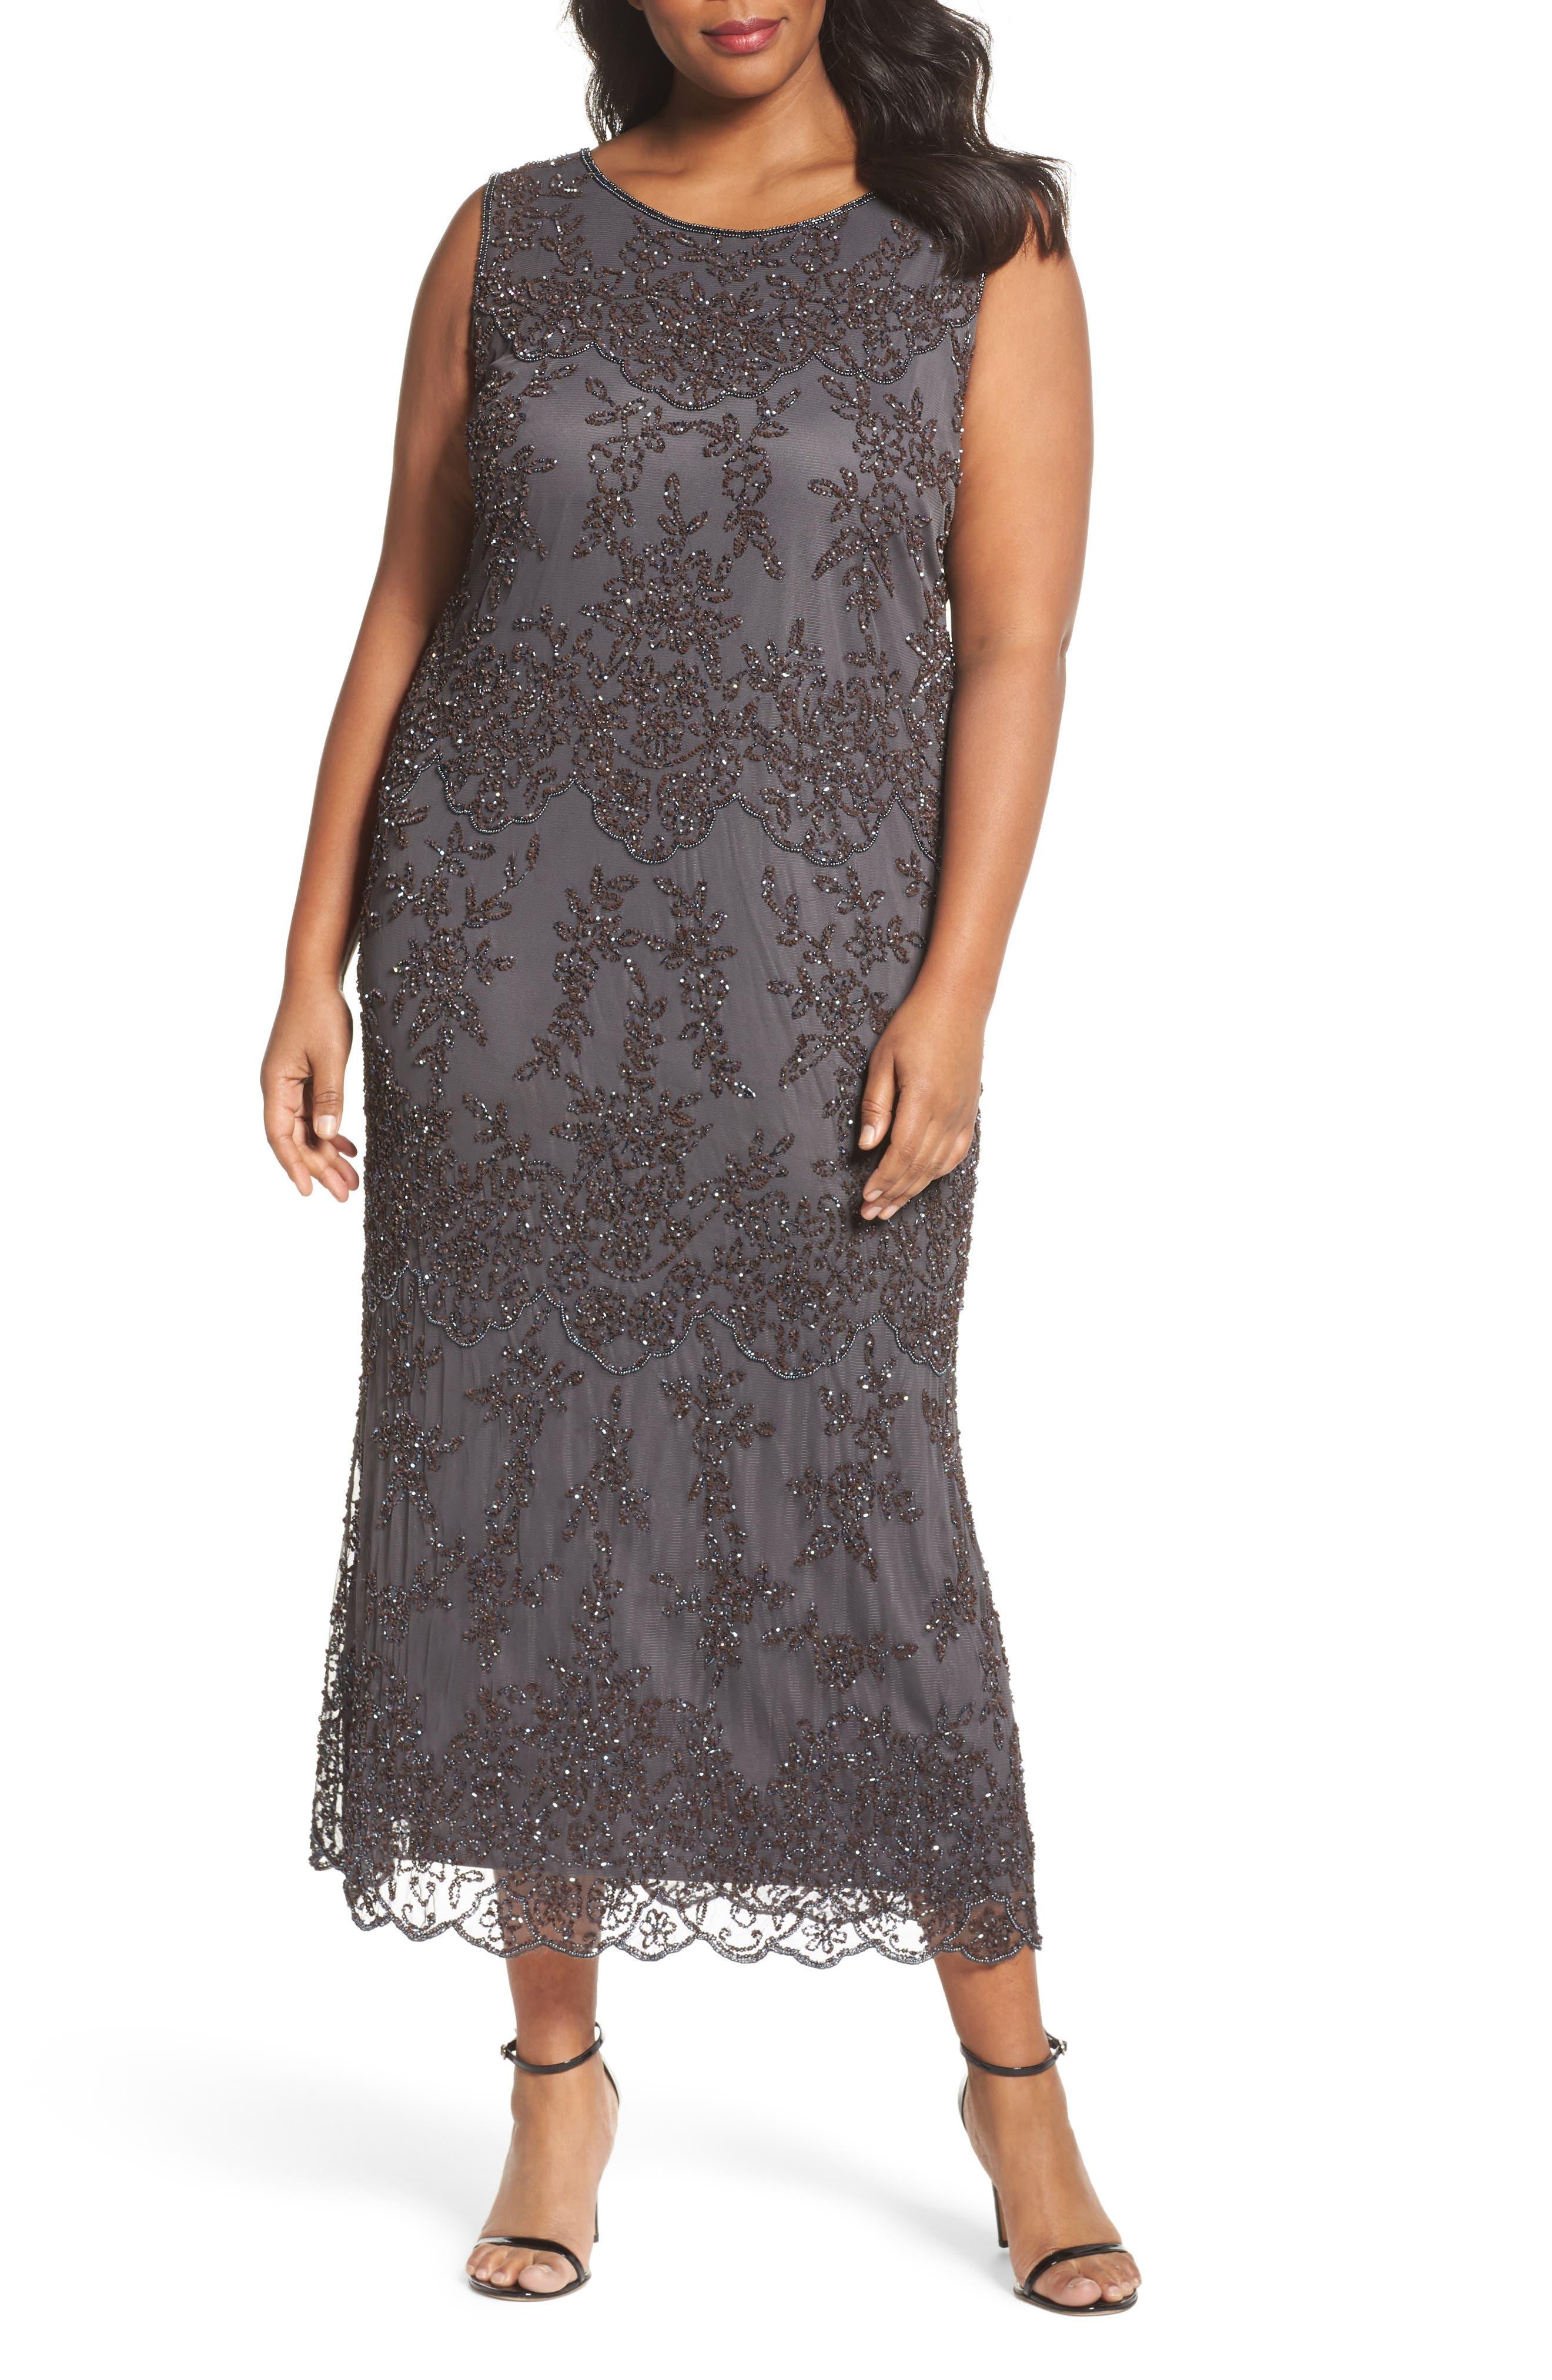 Main Image - Pisarro Nights Embellished Bateau Neck Long Dress (Plus Size)